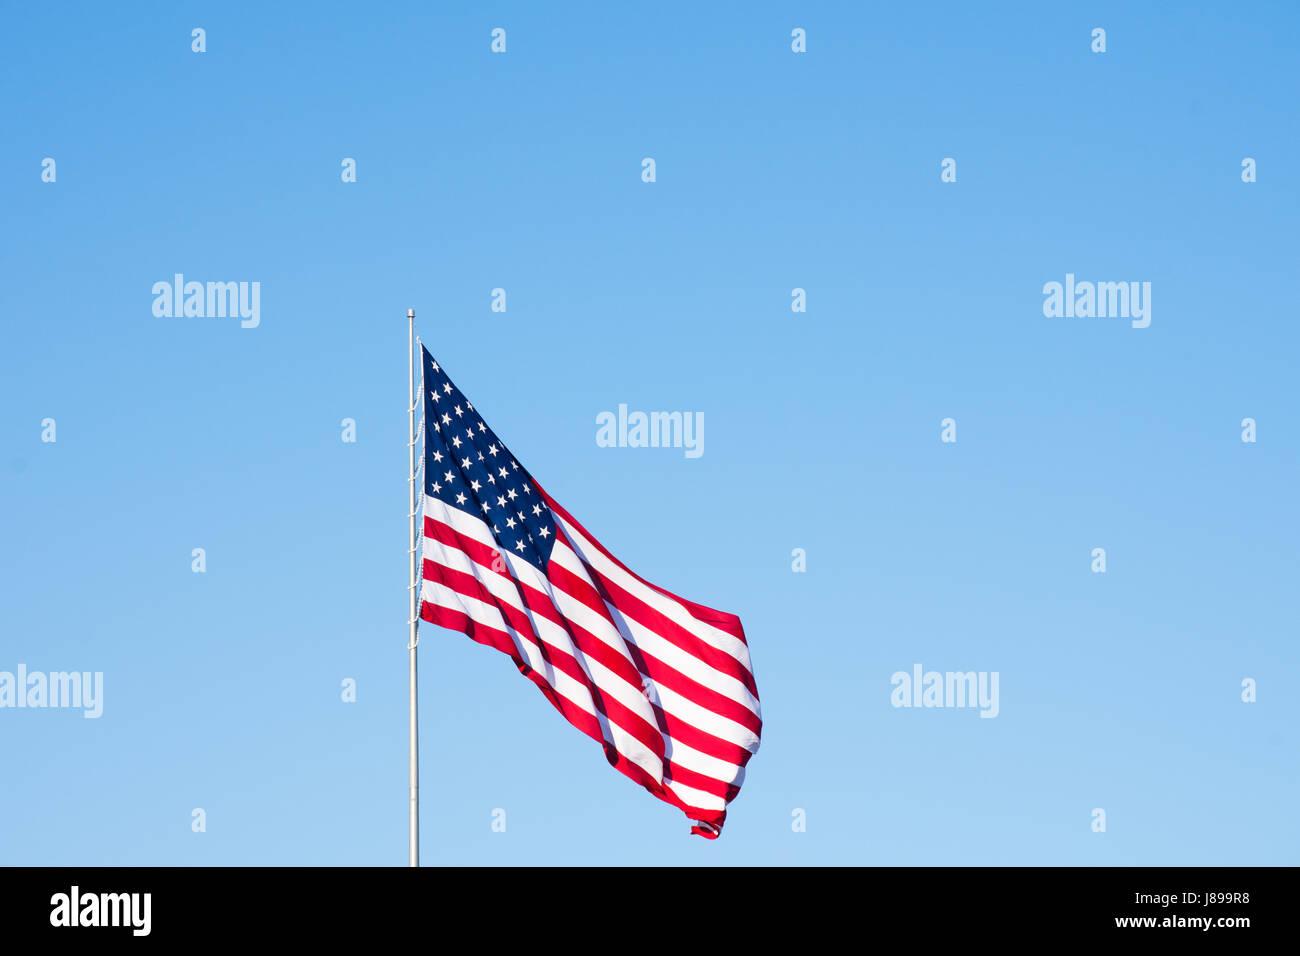 Drapeau américain déployé dans la brise contre un ciel sans nuages bleu moyen. A l'image exemplaire Photo Stock